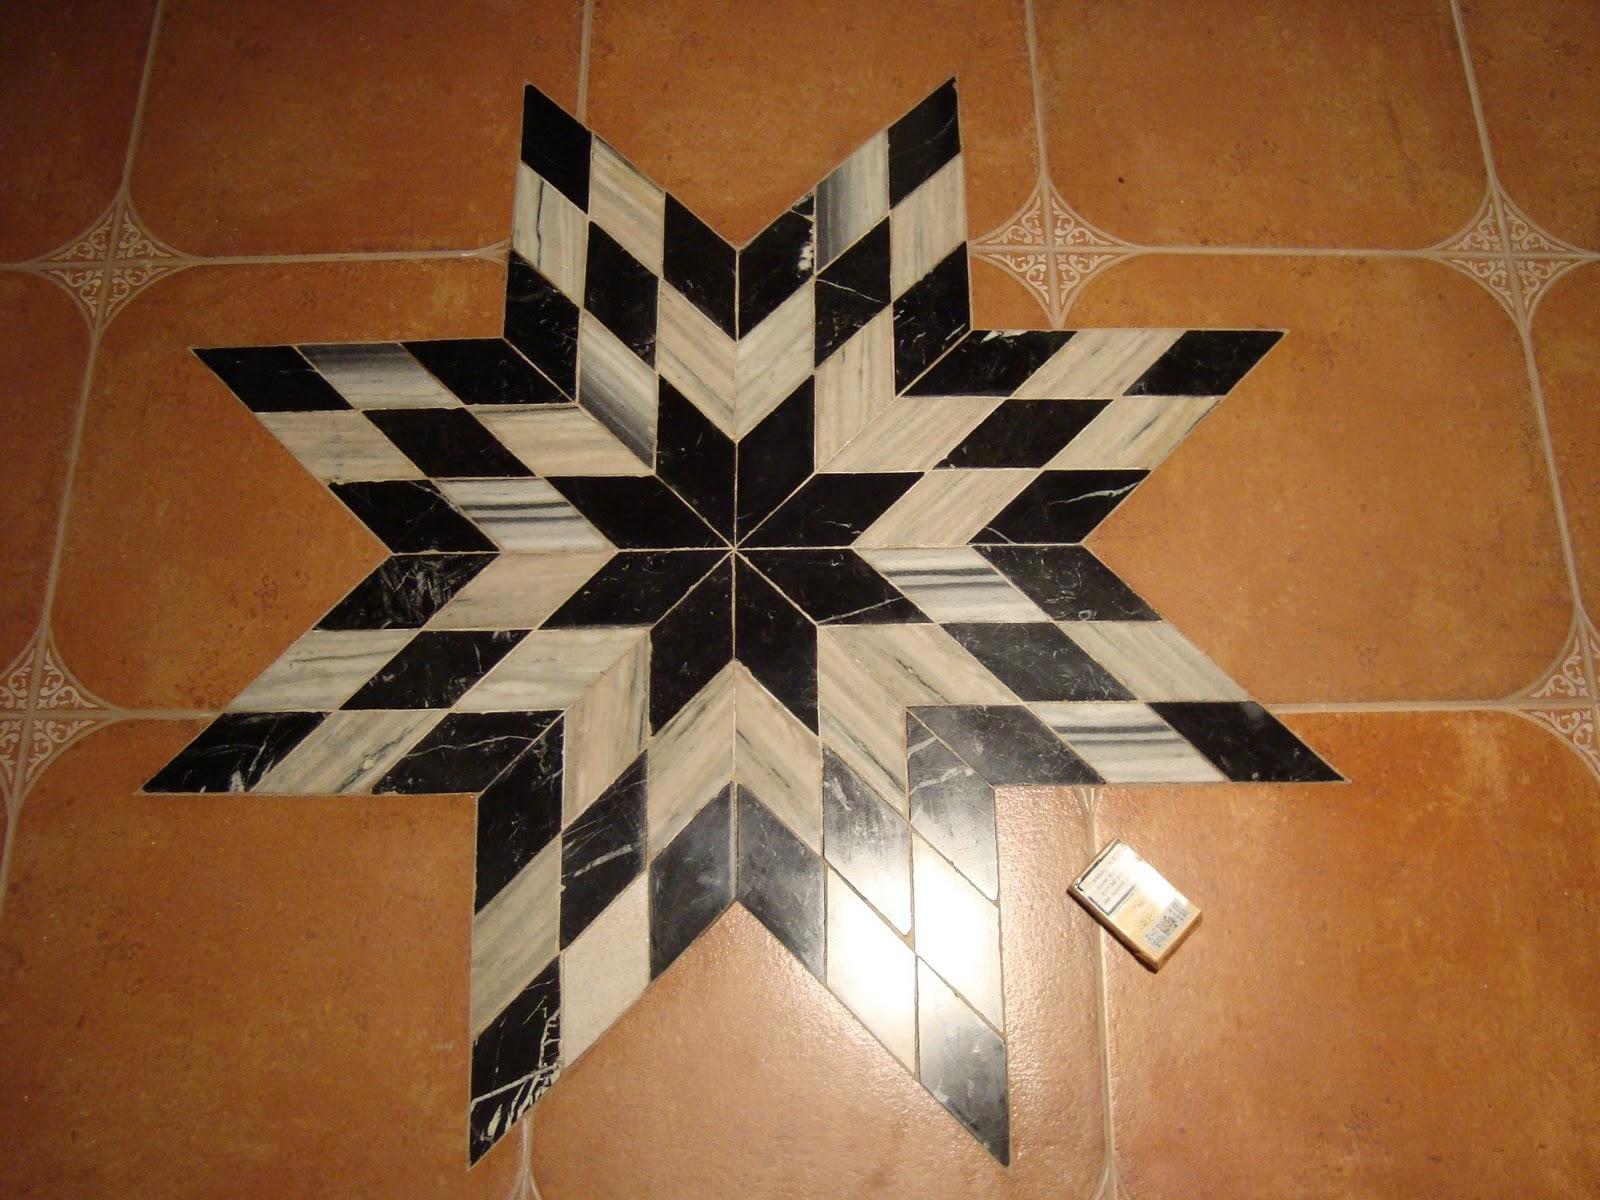 Manuel saila barrios estrella de marmol blanco y negro for Marmol blanco y negro